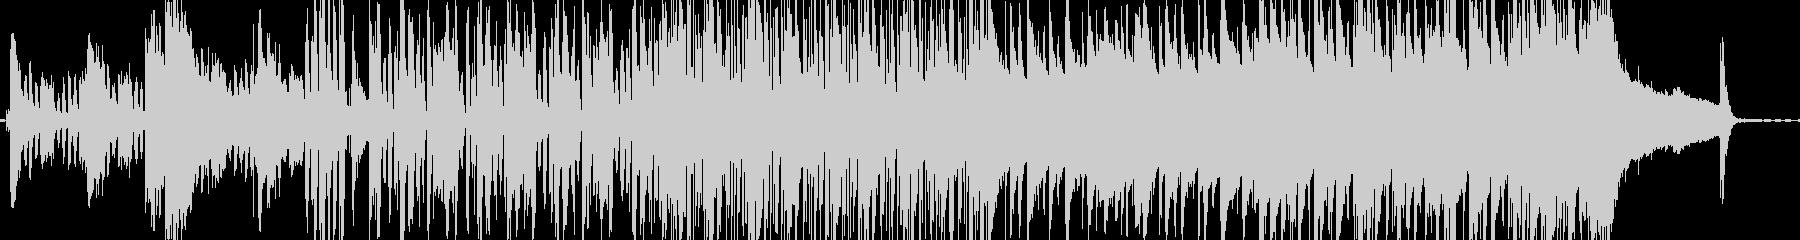 変拍子 プログレジャズ ピアノトリオの未再生の波形